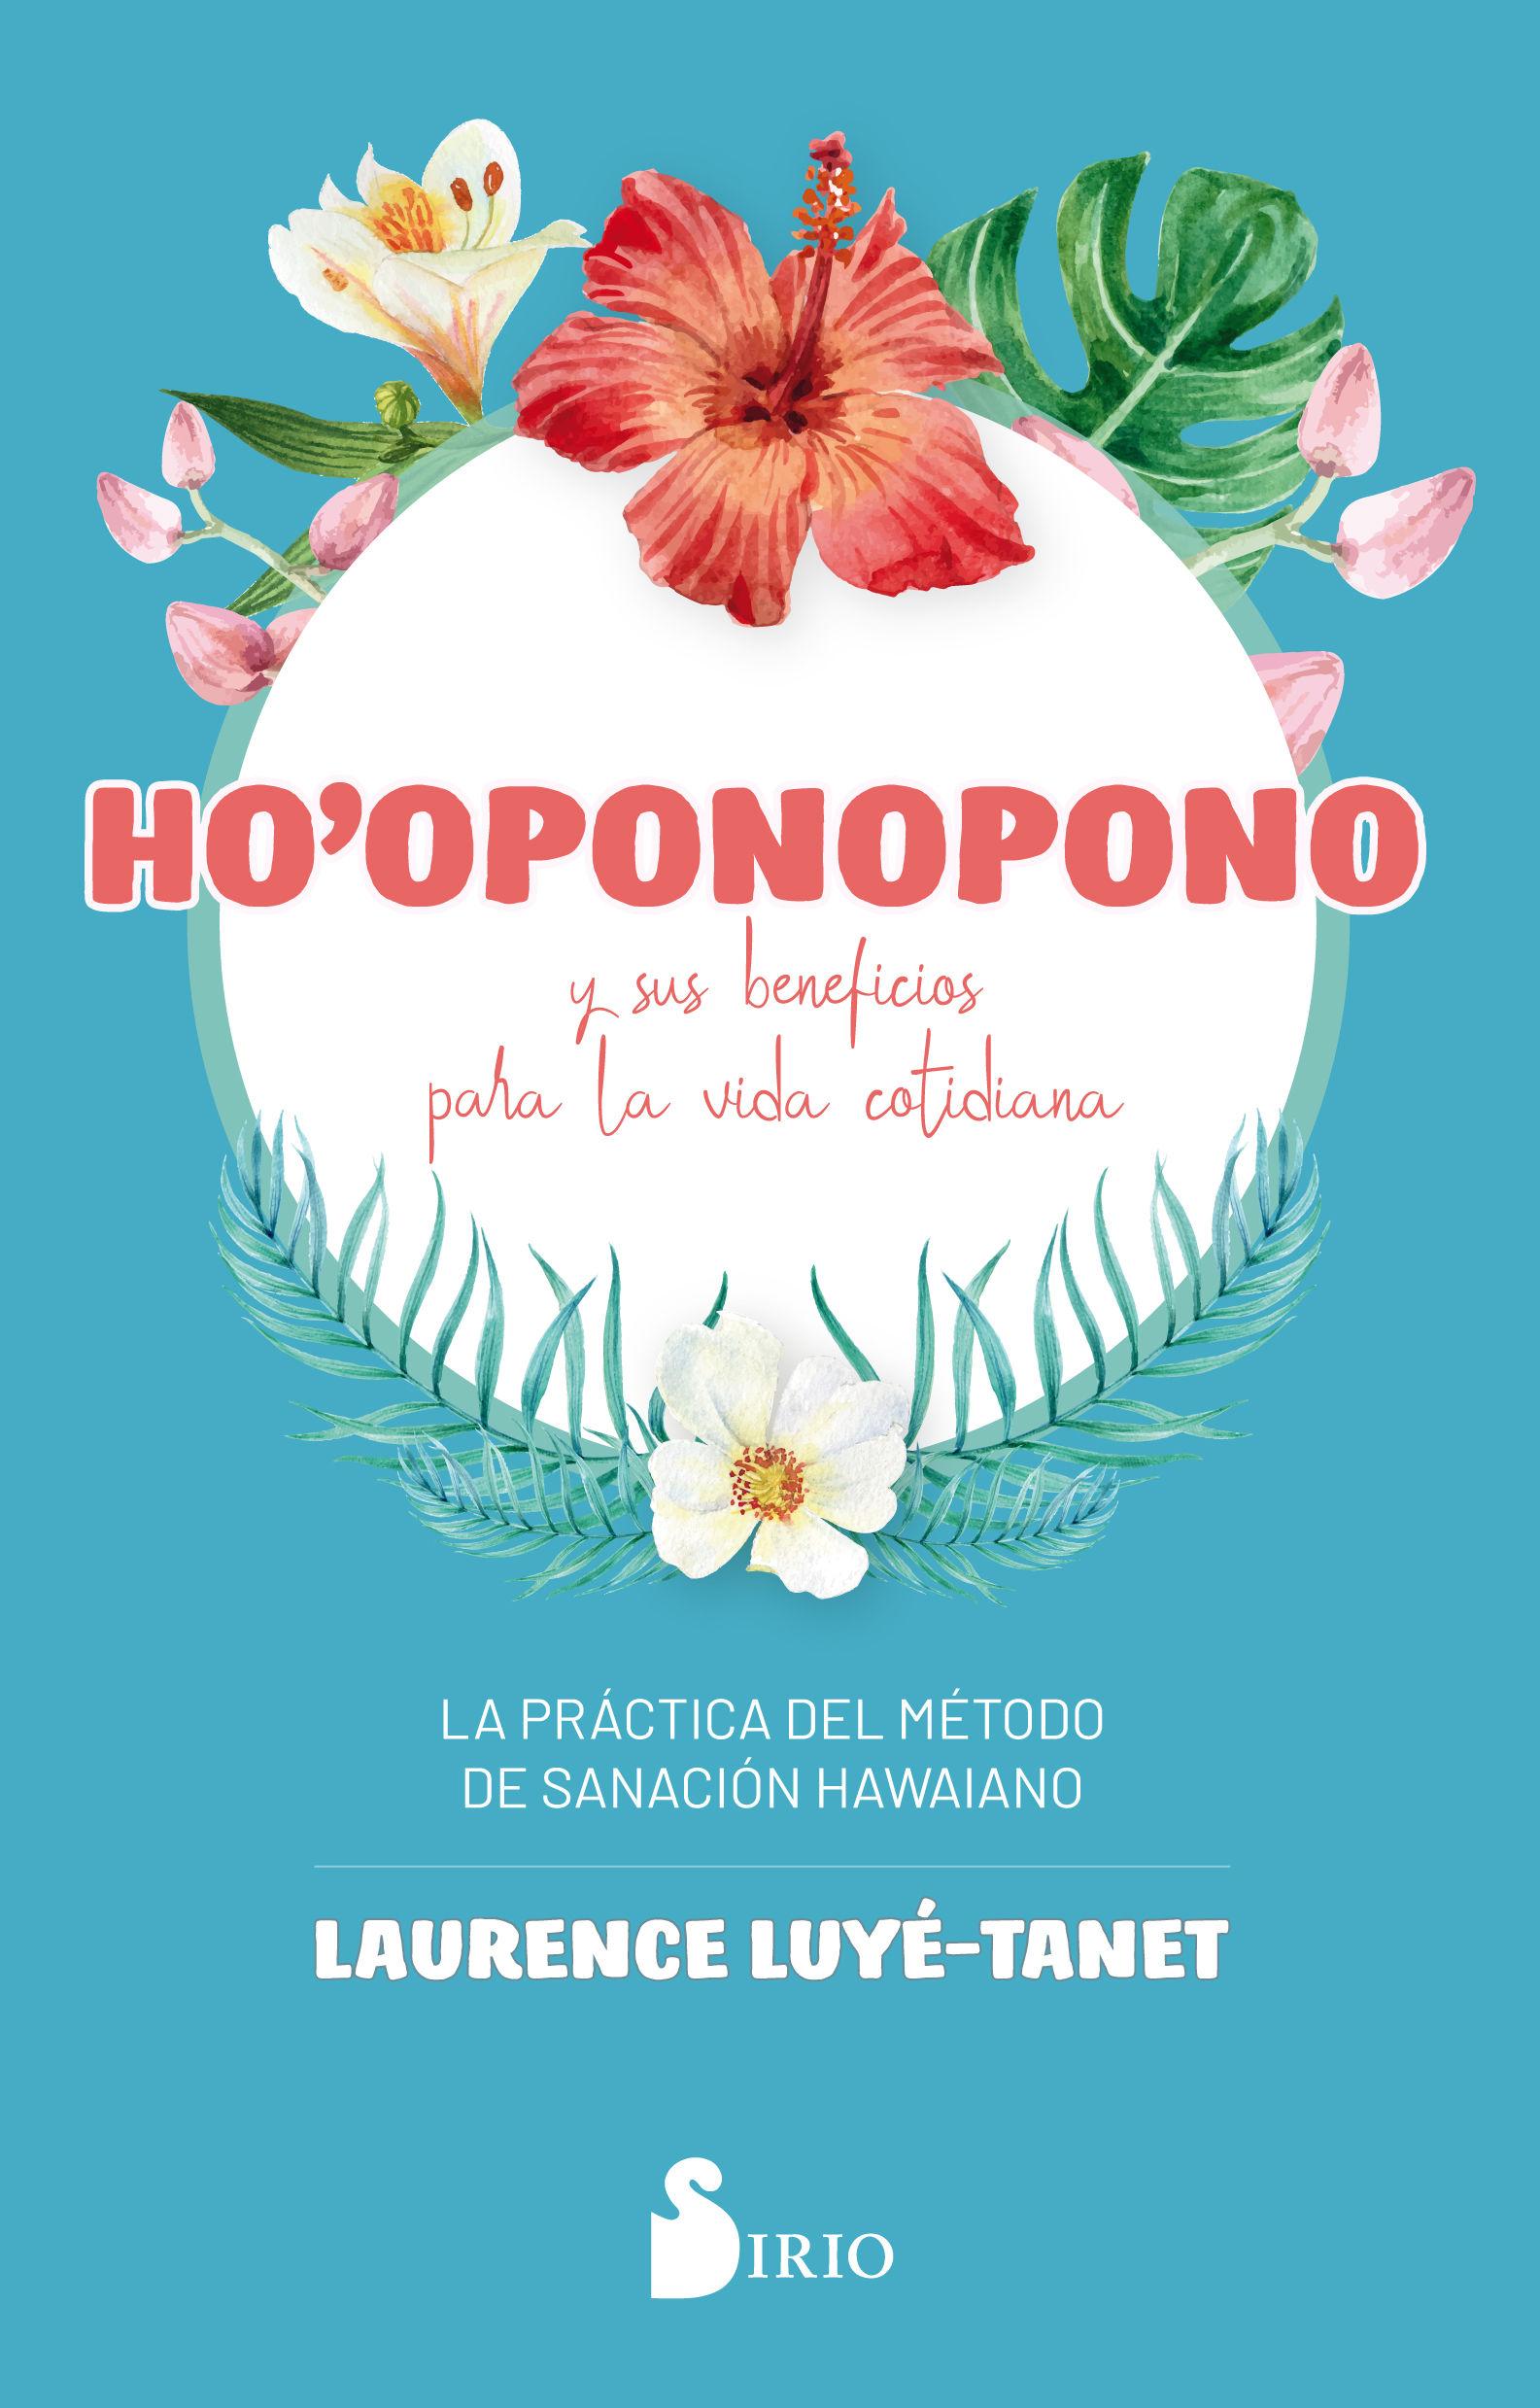 HO-OPONOPONO Y SUS BENEFICIOS PARA LA VIDA COTIDIA